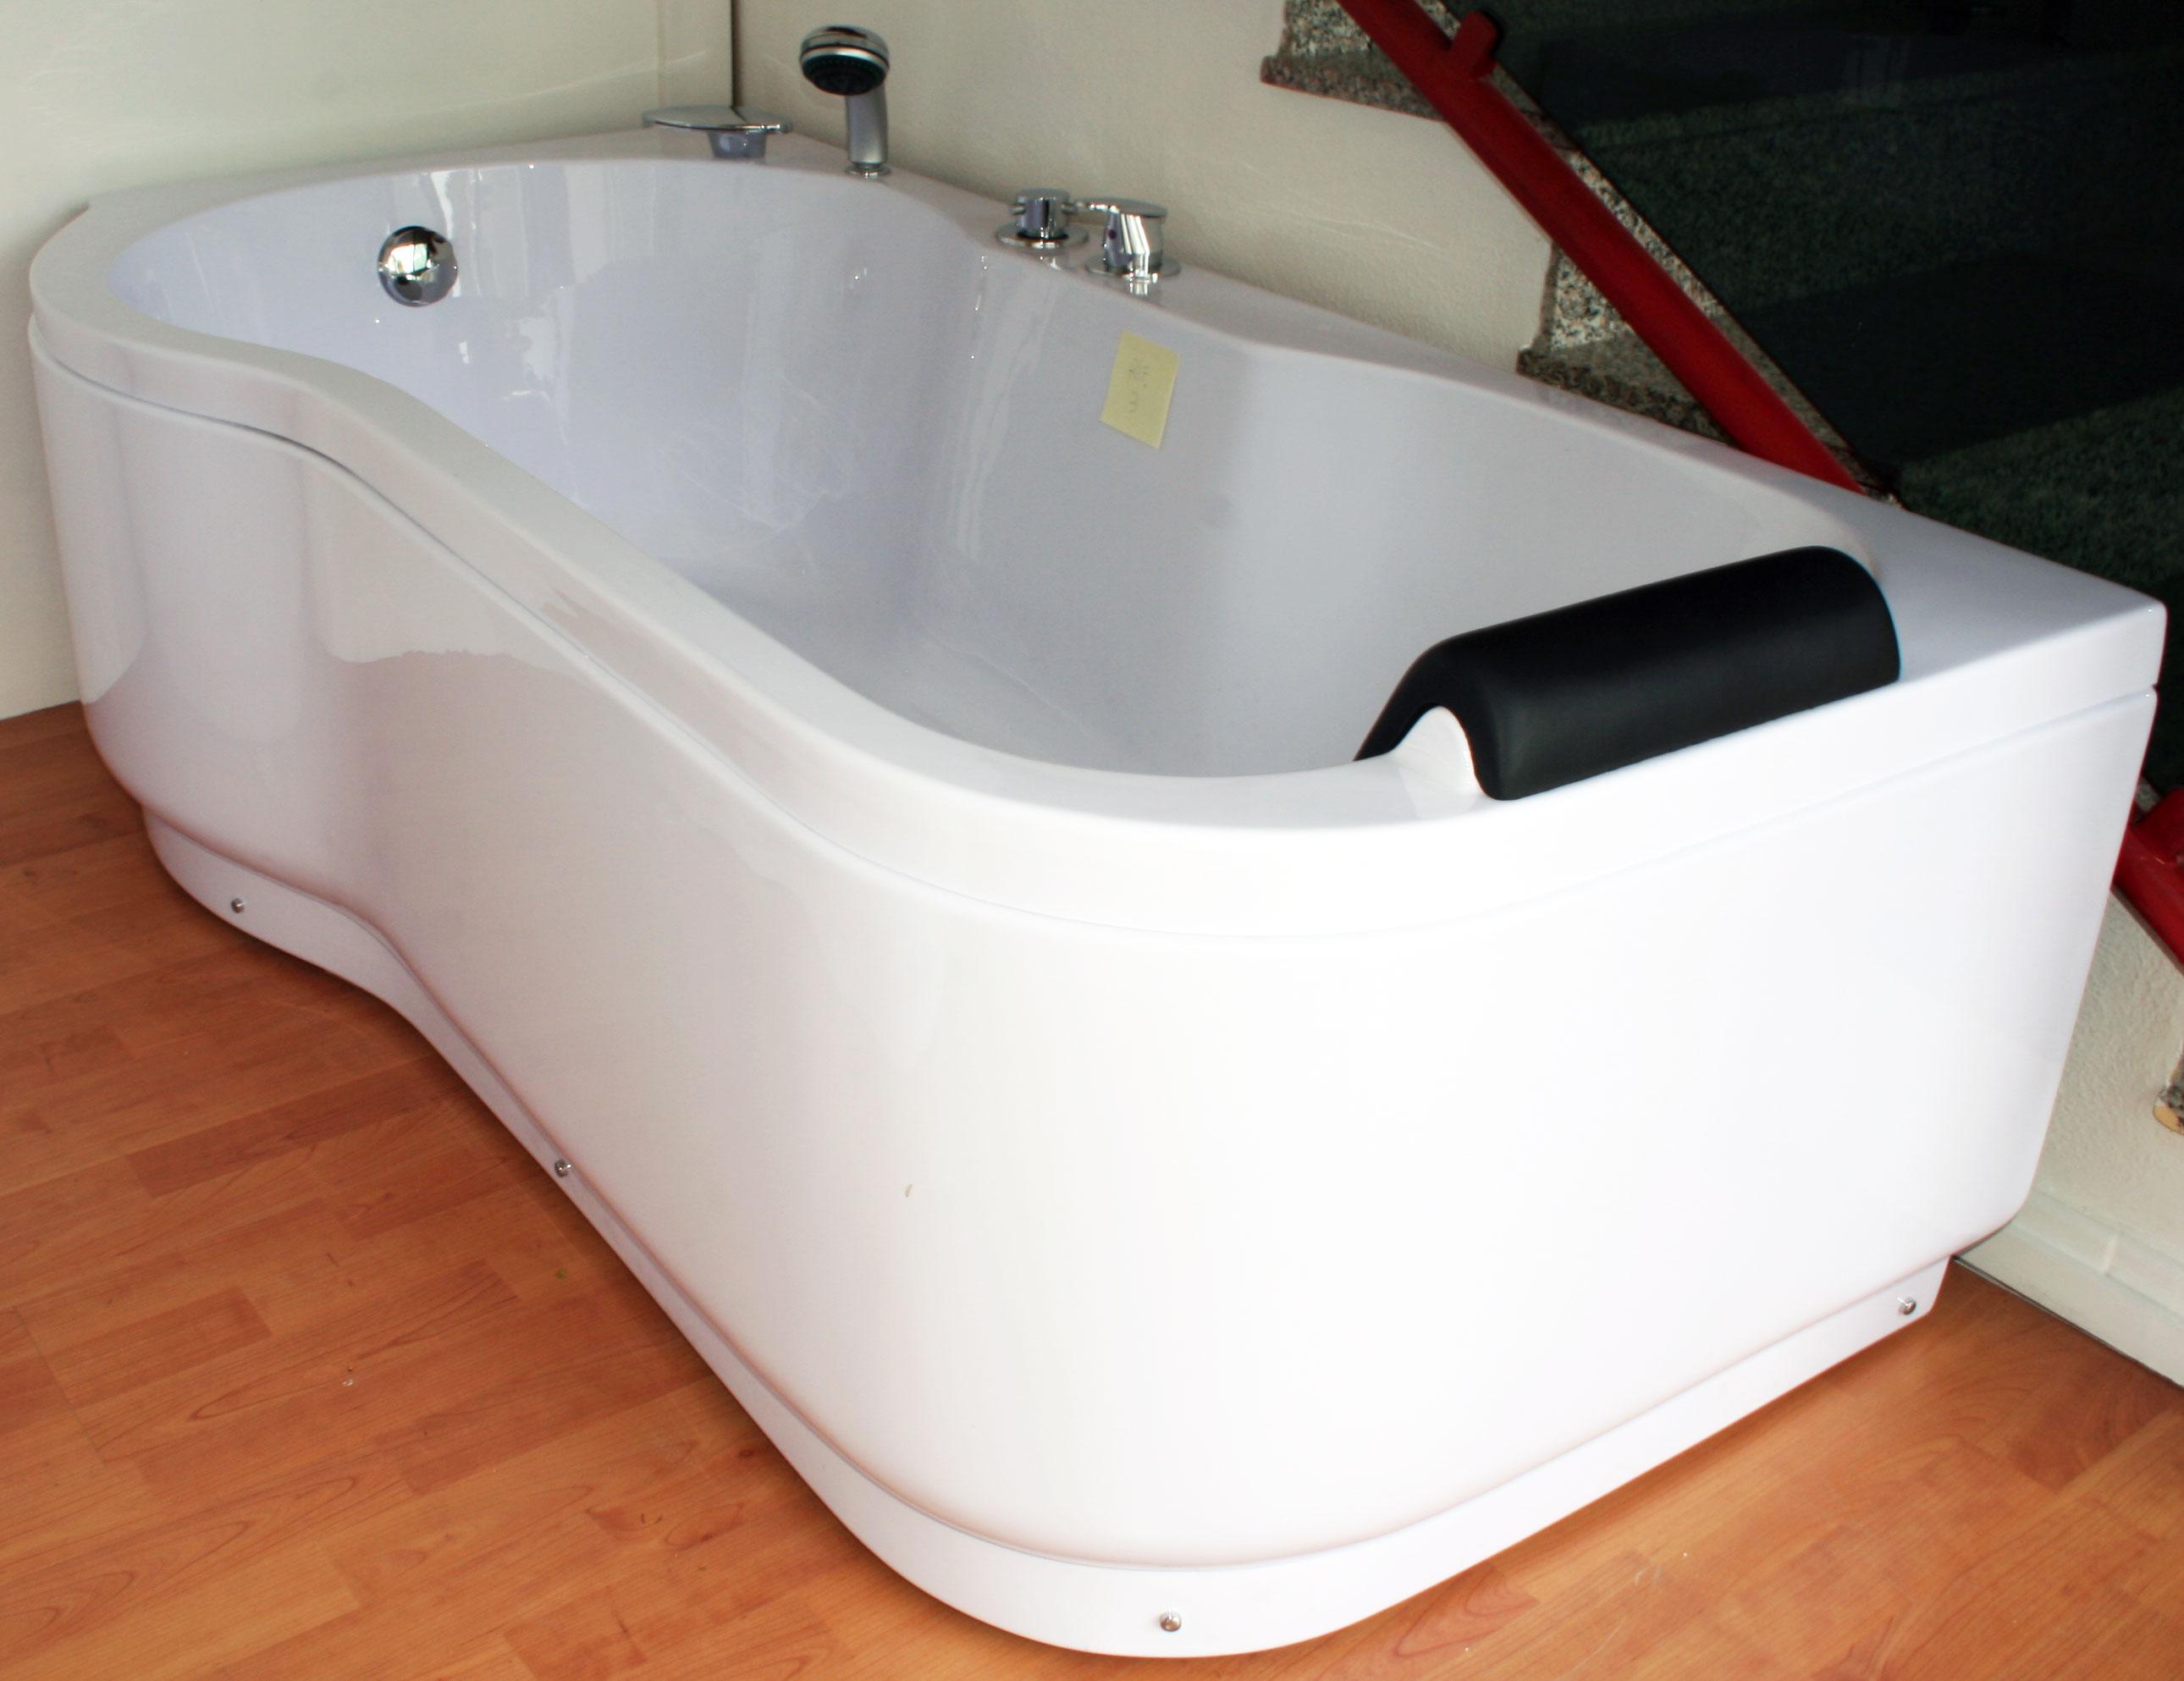 Vasca Da Bagno Offerte : Rif vasca da bagno angolare sinistra box doccia